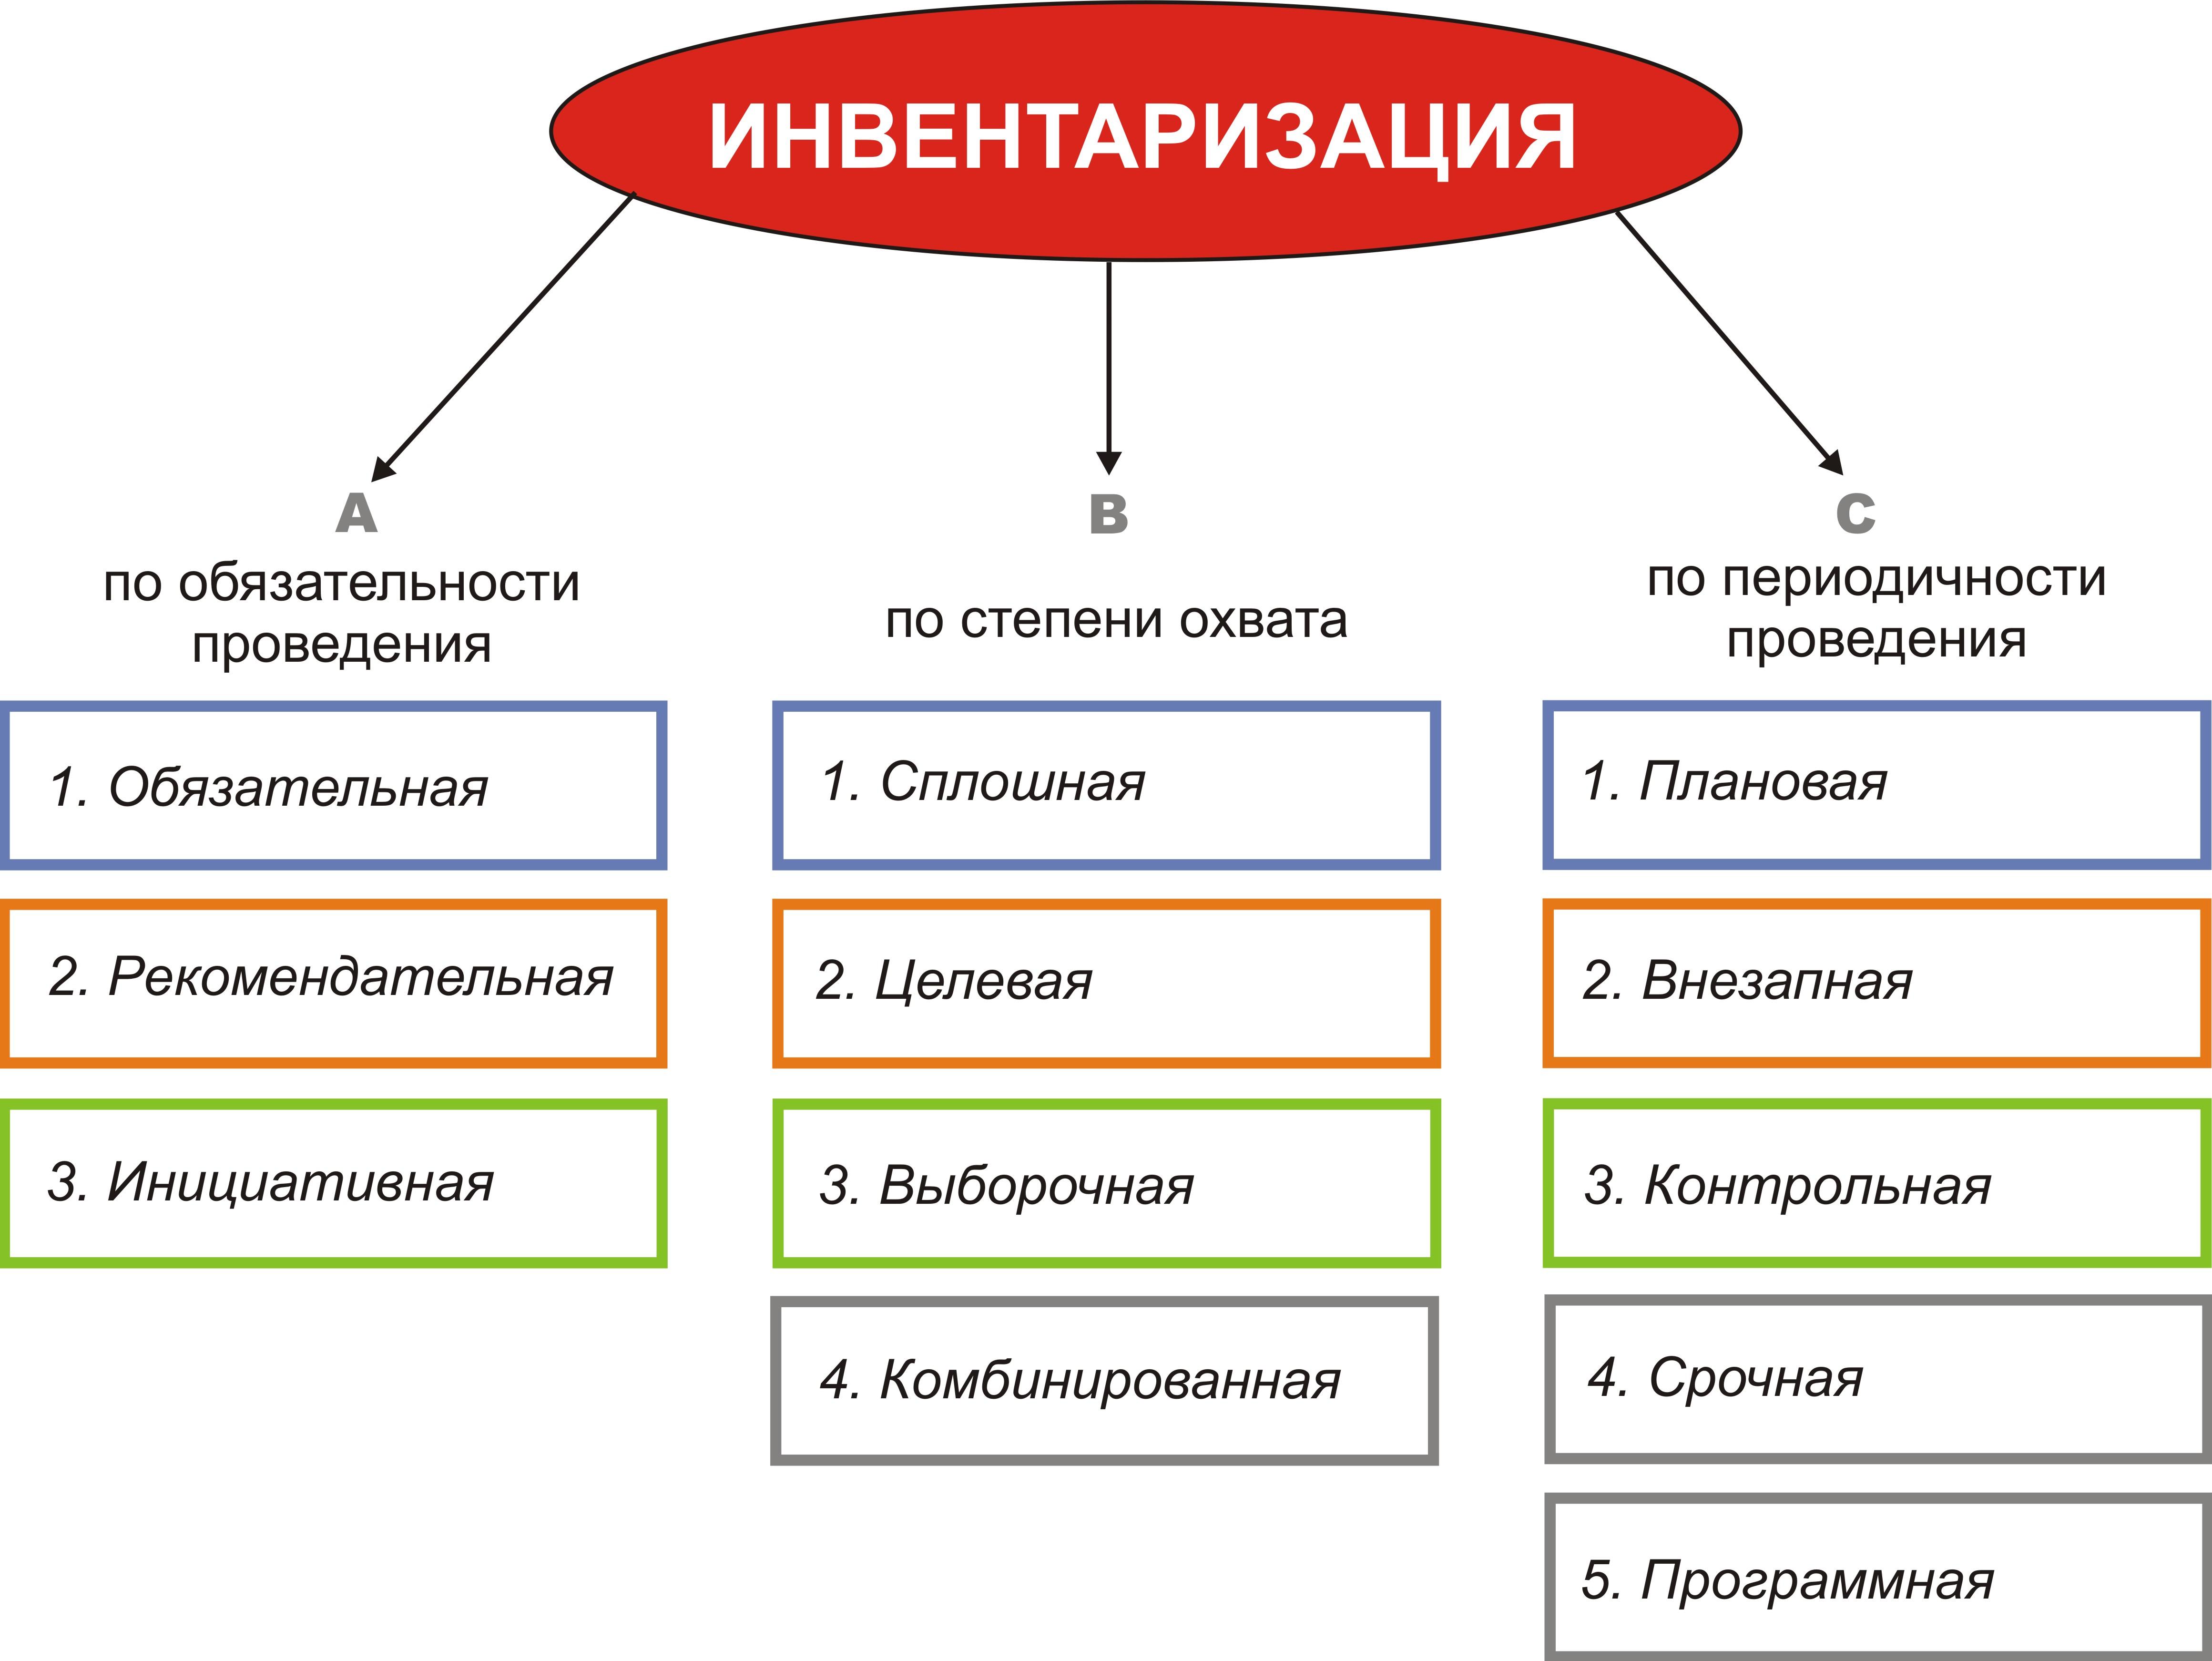 бланк приказа на проведение инвентаризации образец